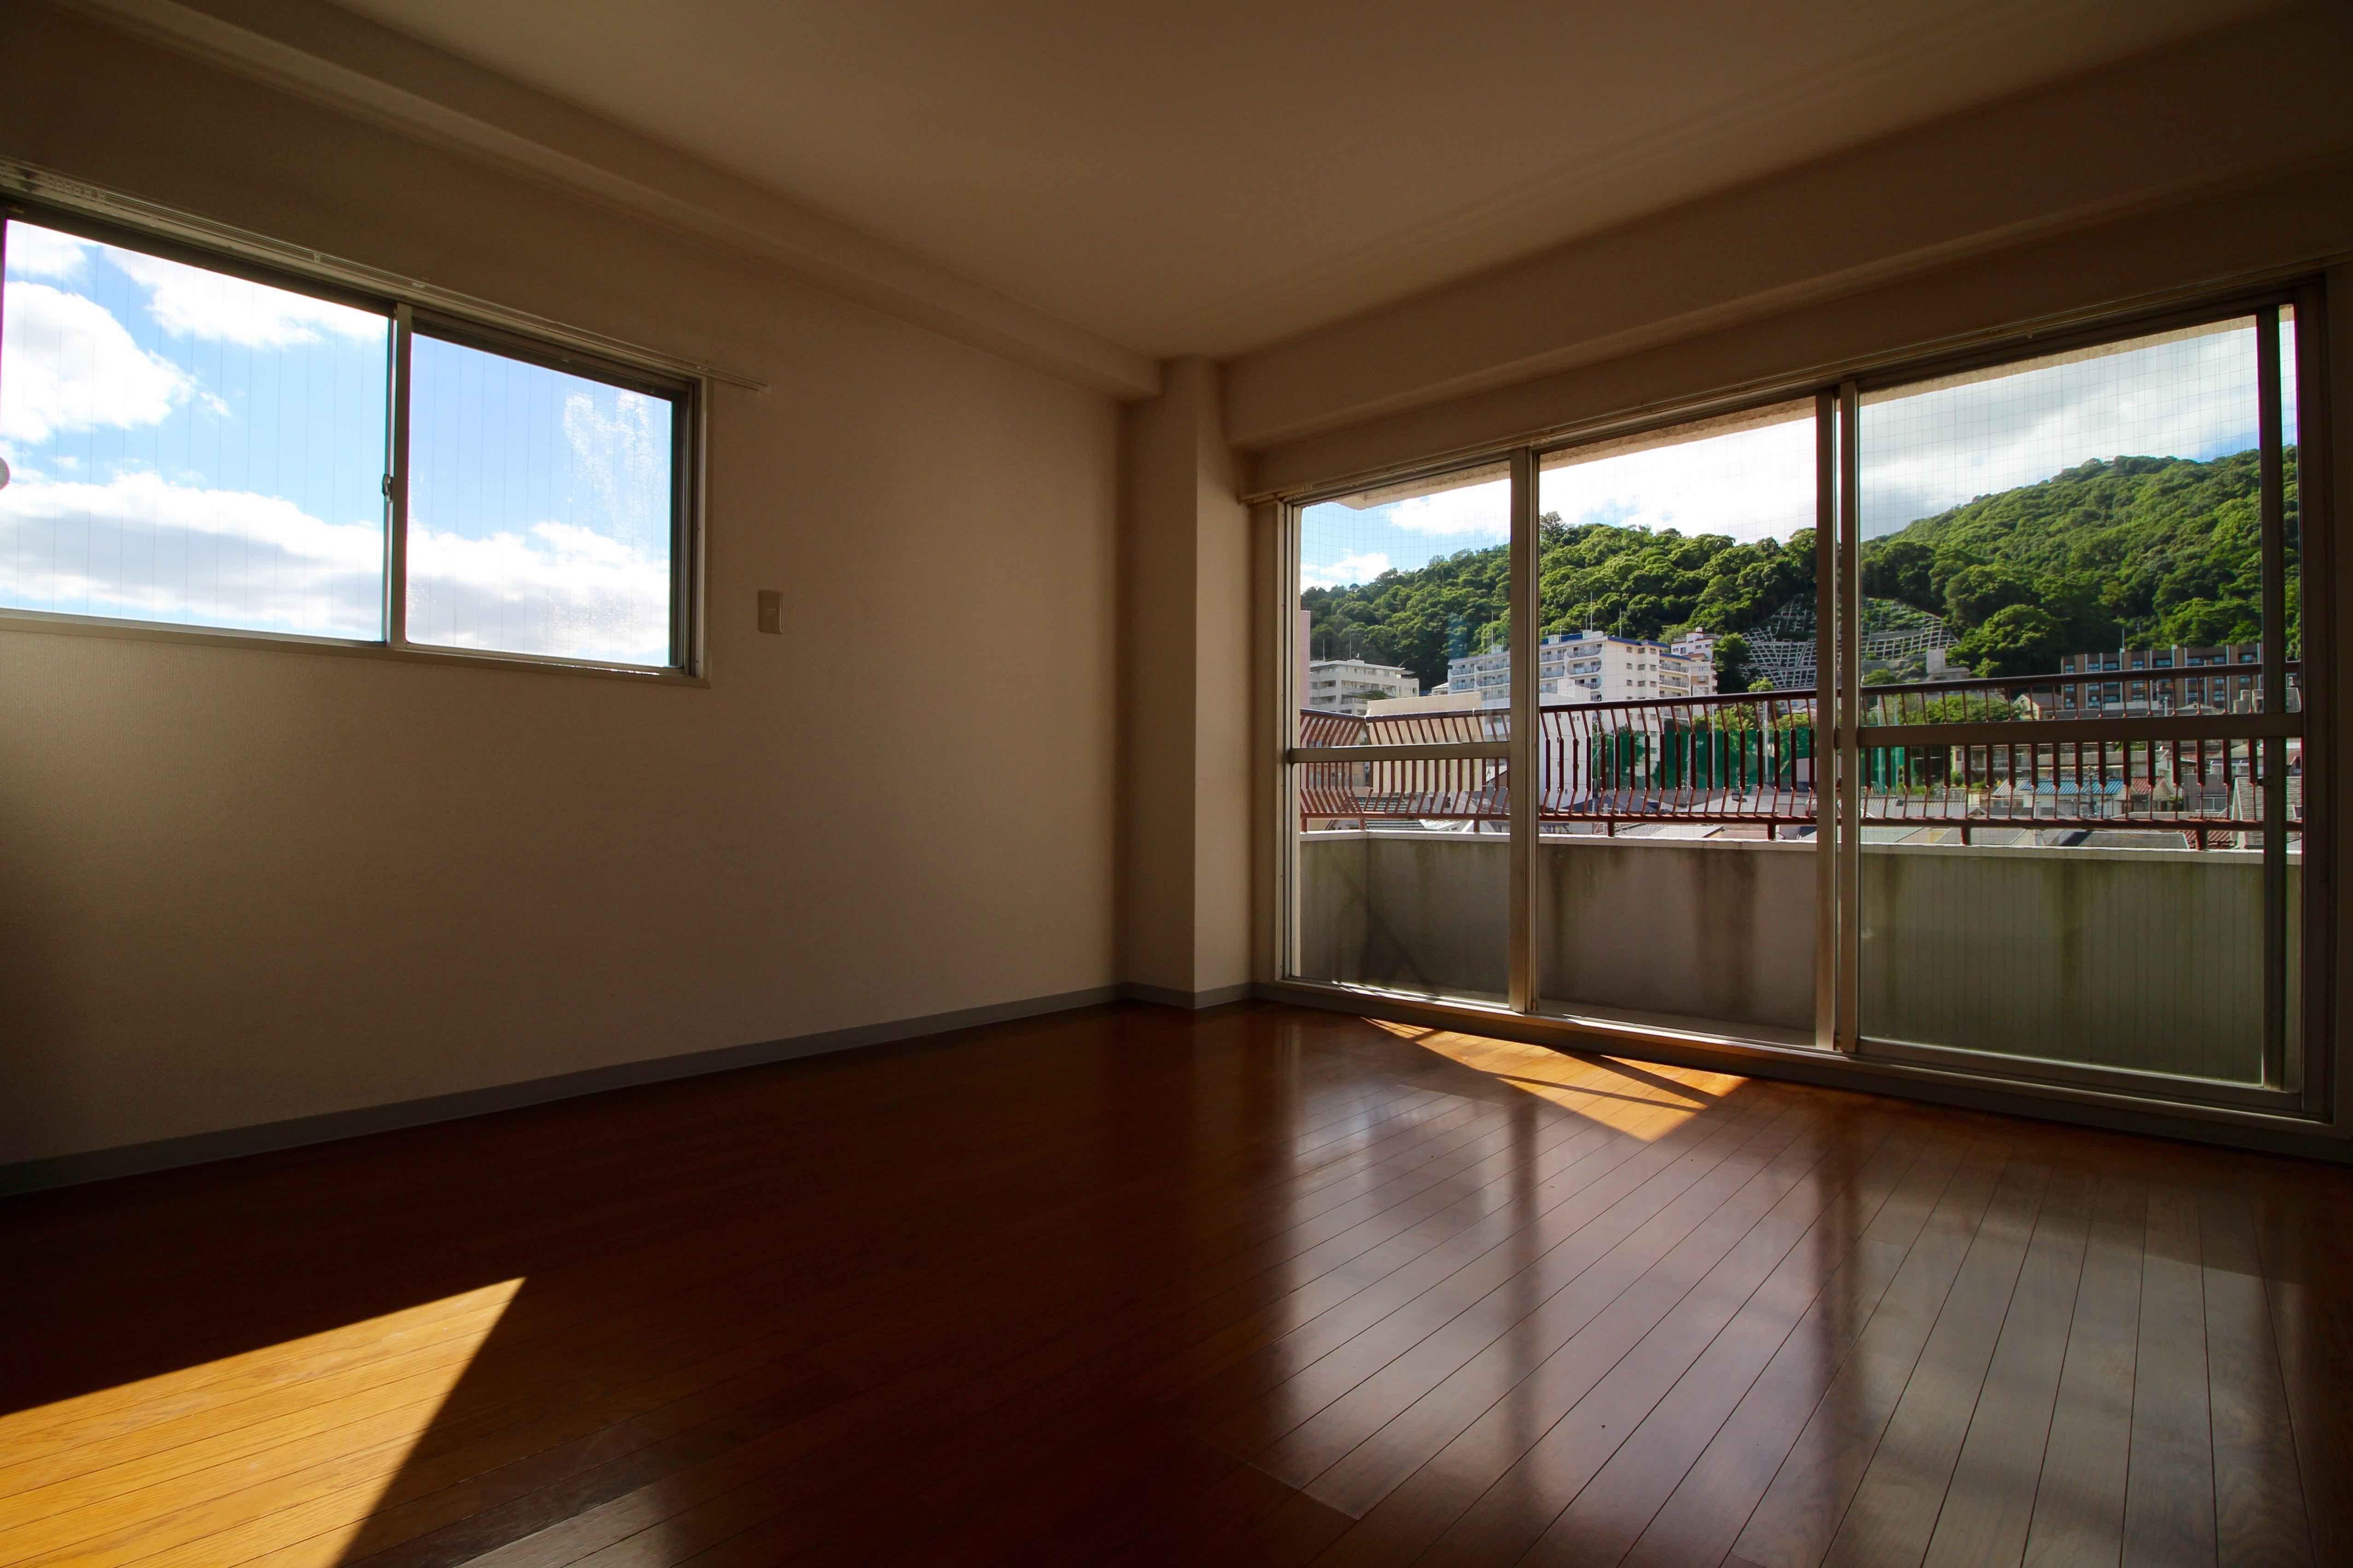 山と都会の開放感 (神戸市中央区中山手通の物件) - 神戸R不動産